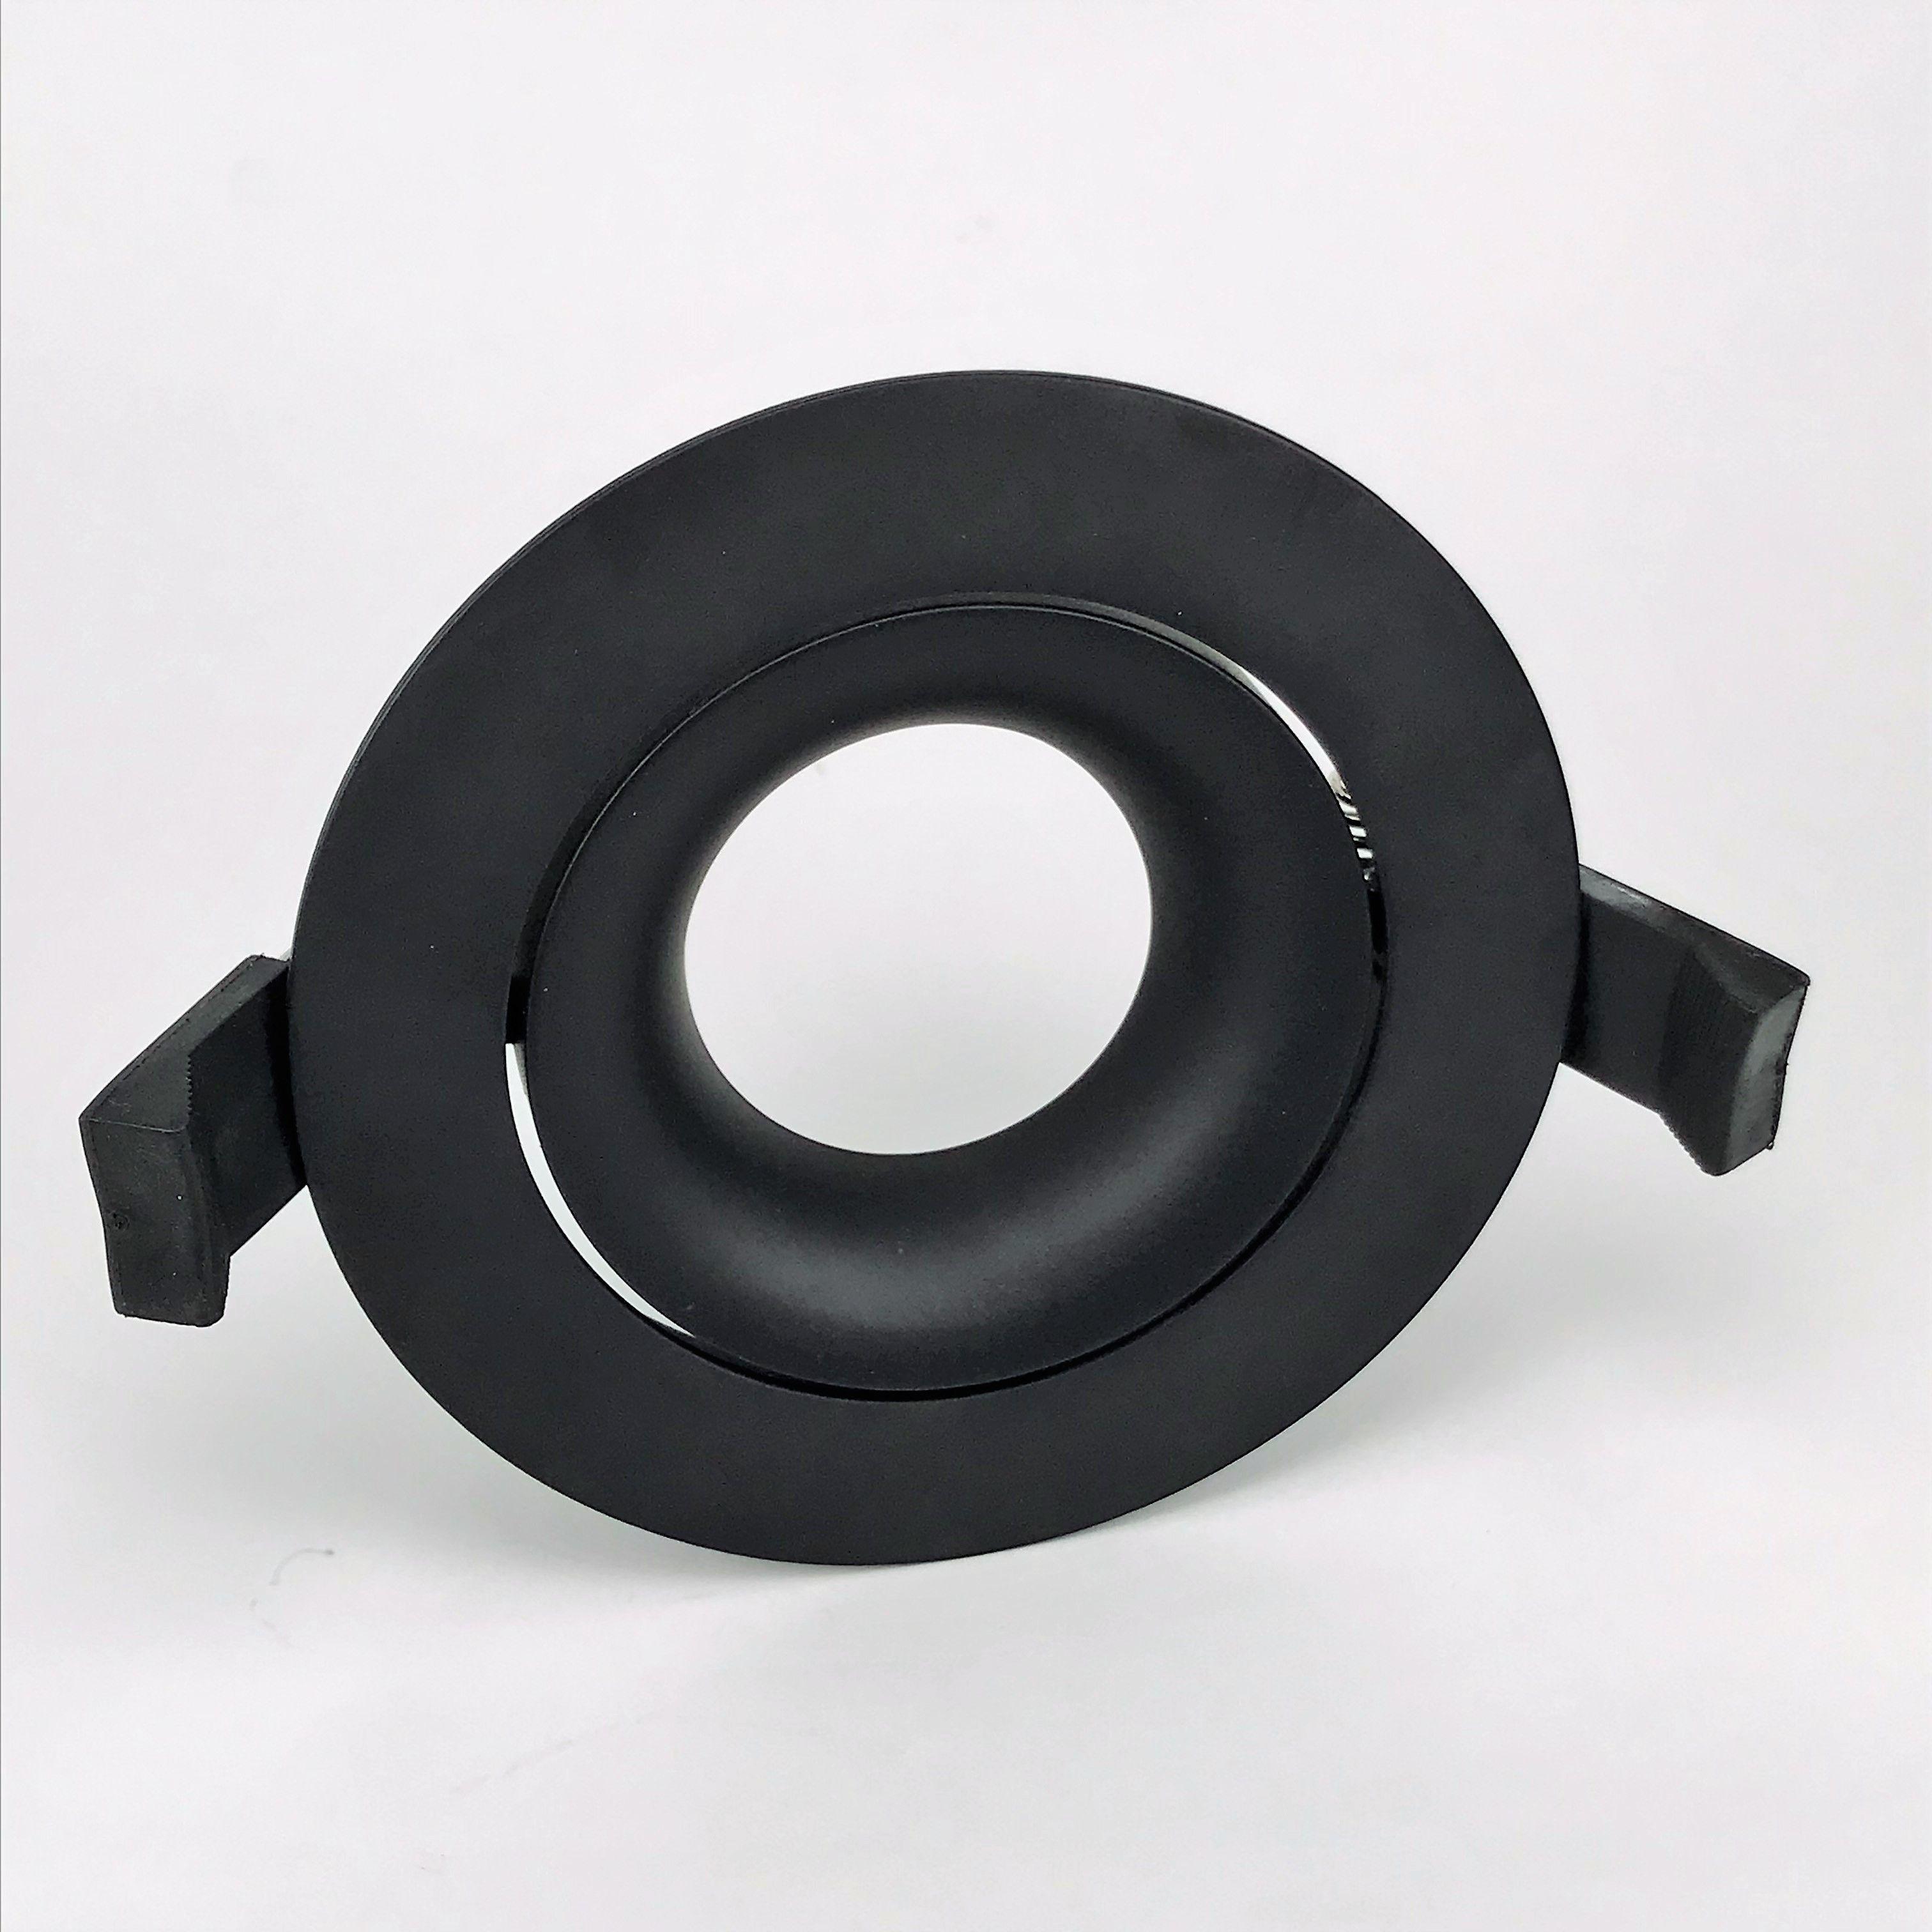 Inbouwring 105mm rond zwart